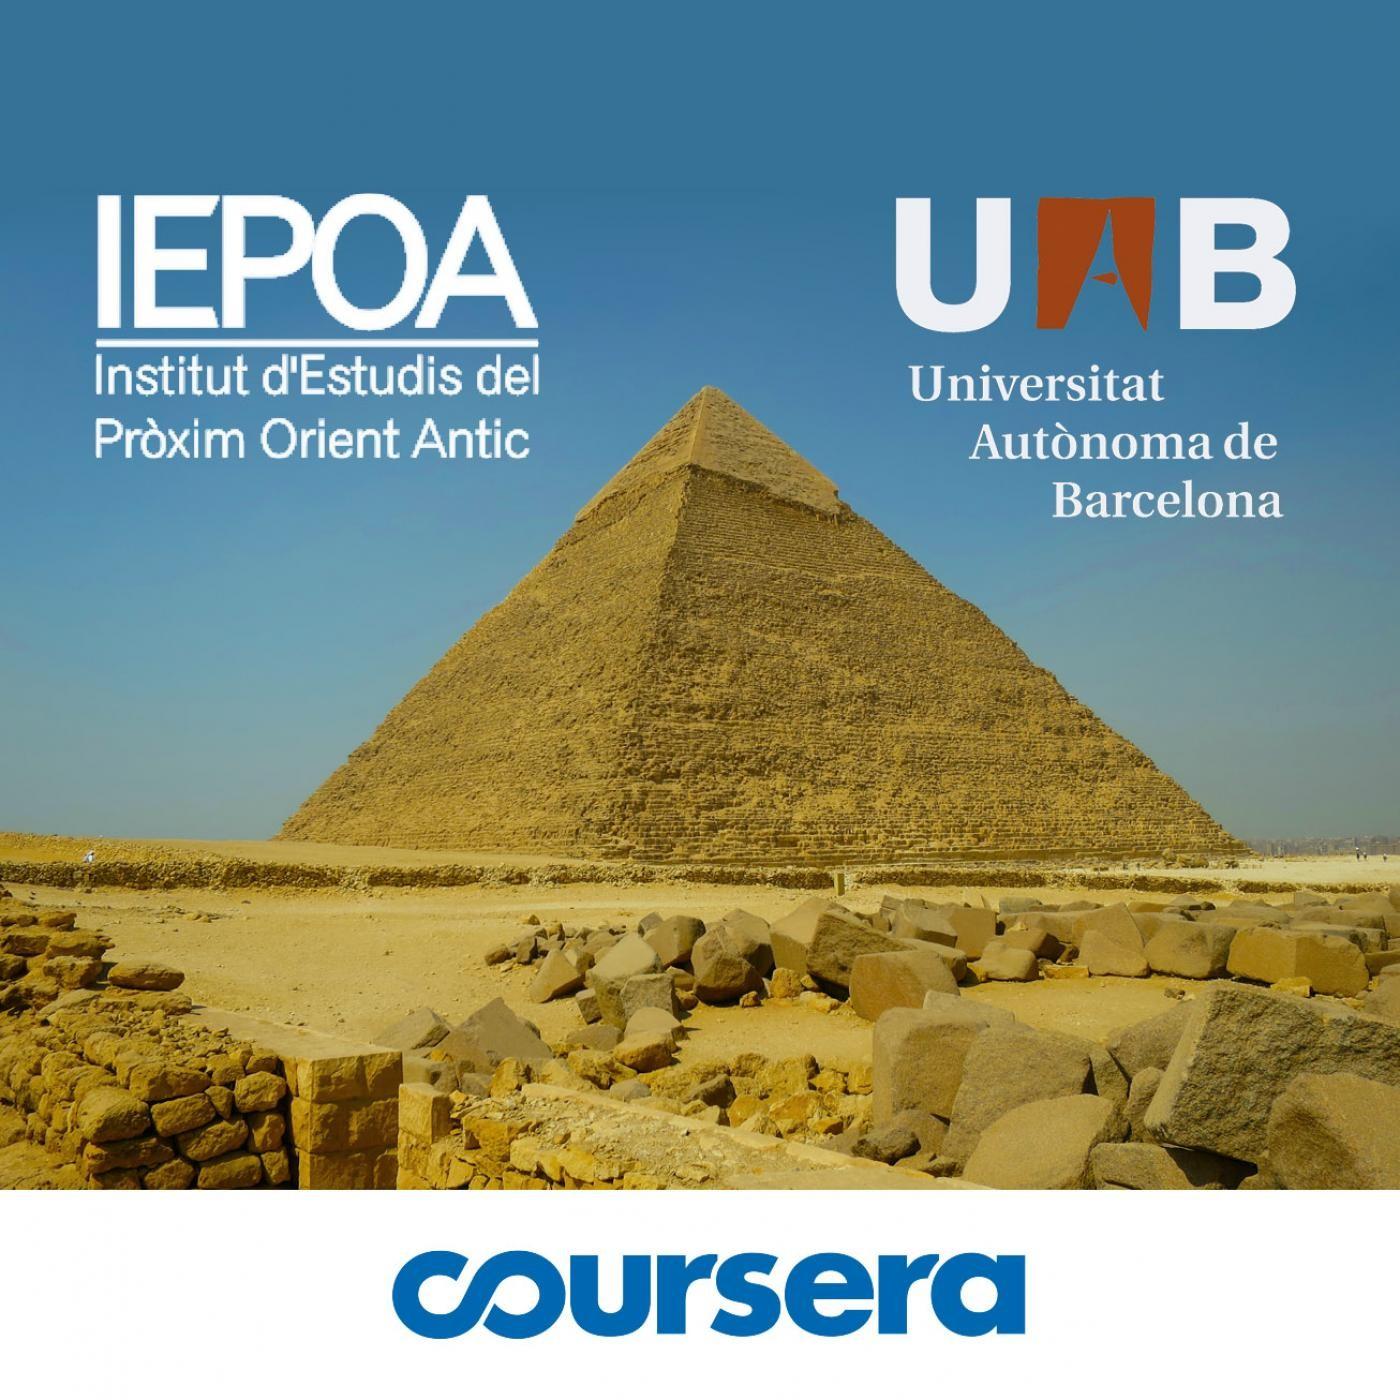 Egiptología de IEPOA UAB Coursera